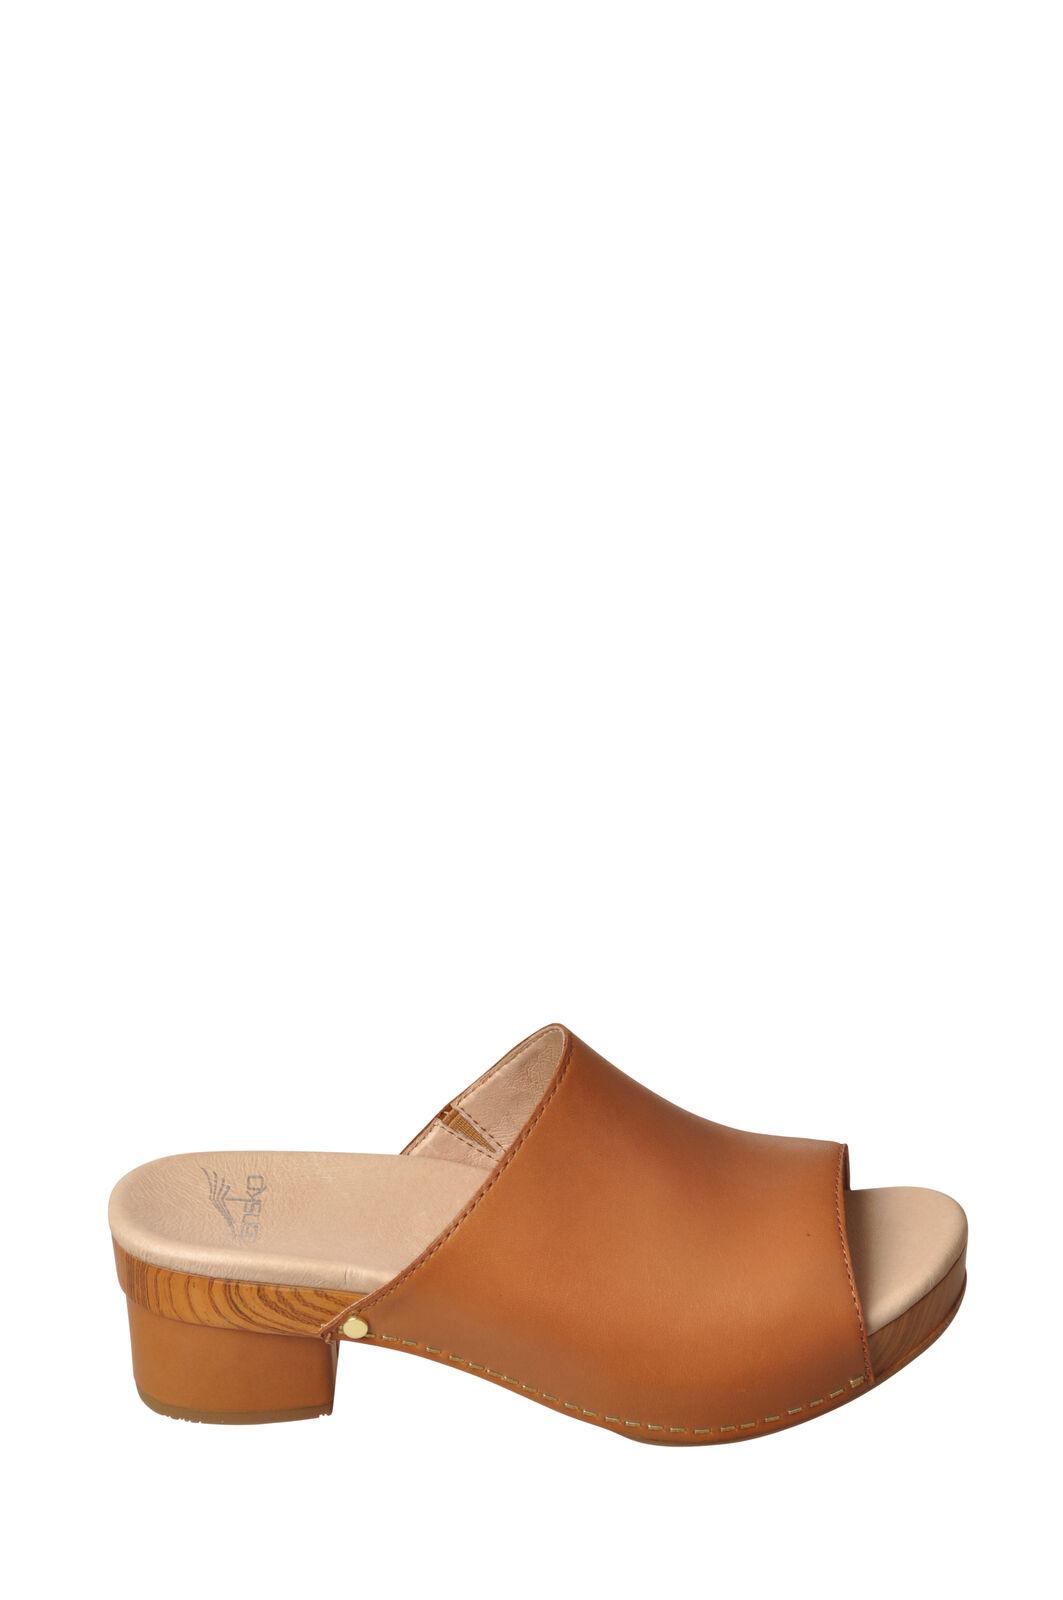 Dansko - shoes-shoes - Woman - Beige - 6294811D191630